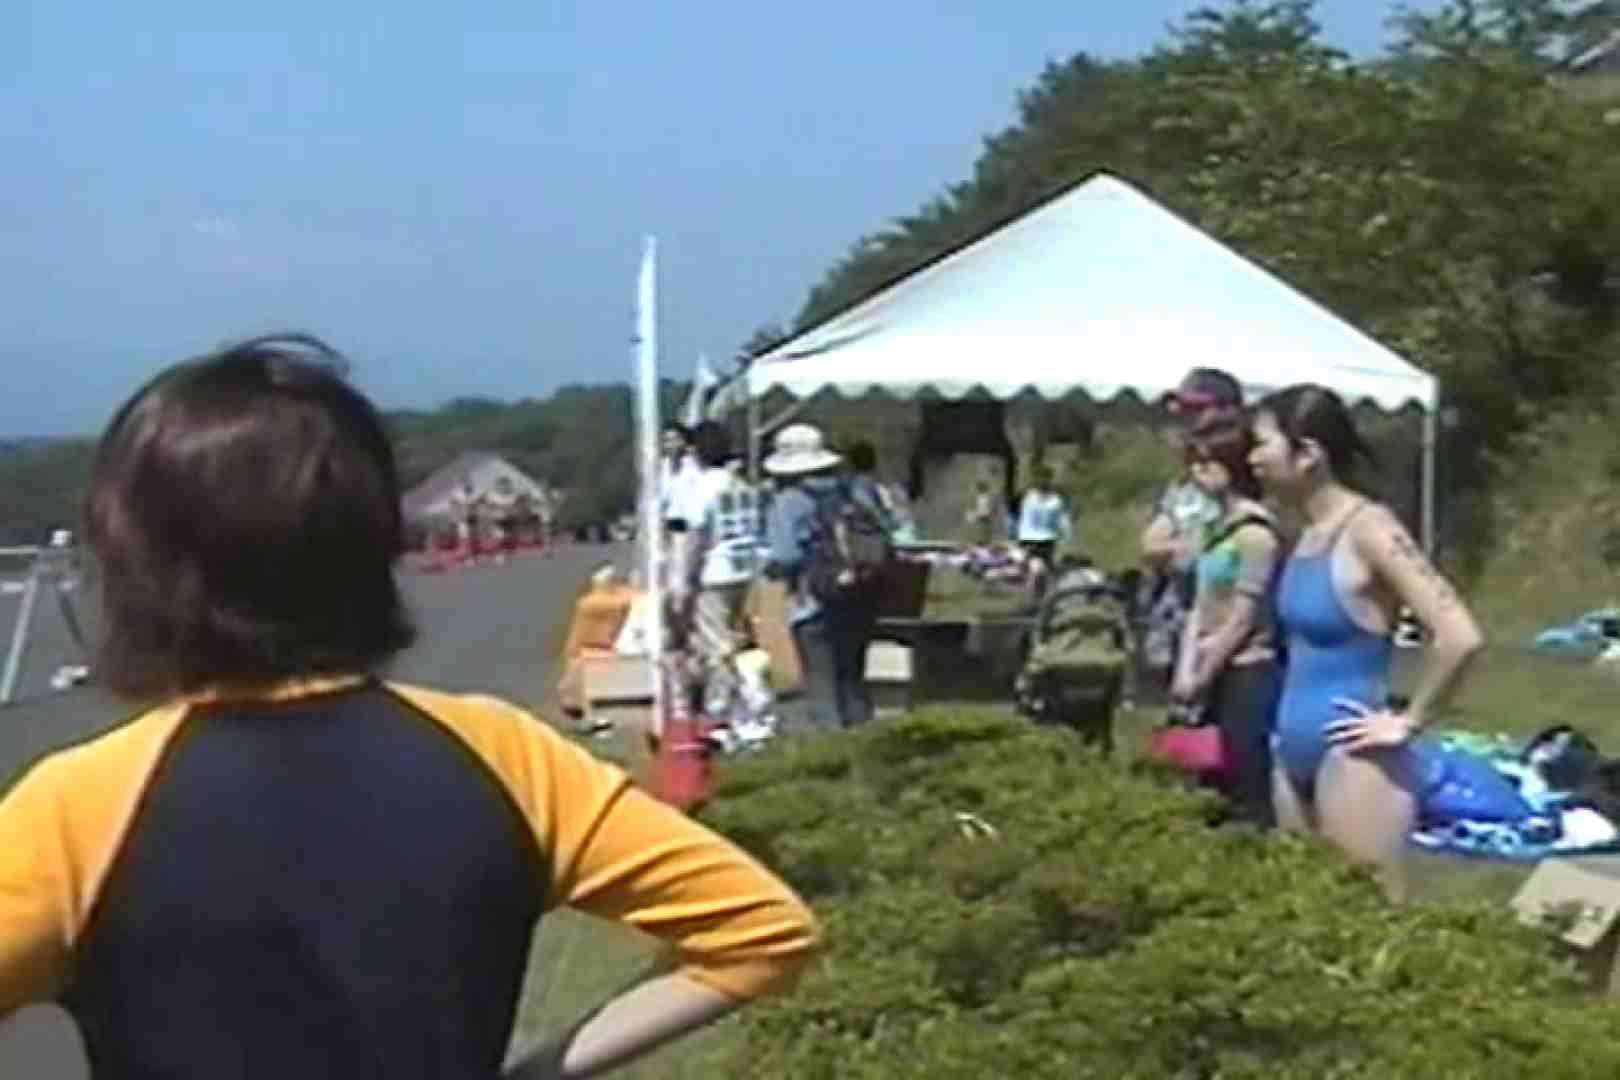 鉄人レース!!トライアスロンに挑む女性達!!Vol.6 OLの実態 | 0  83pic 39